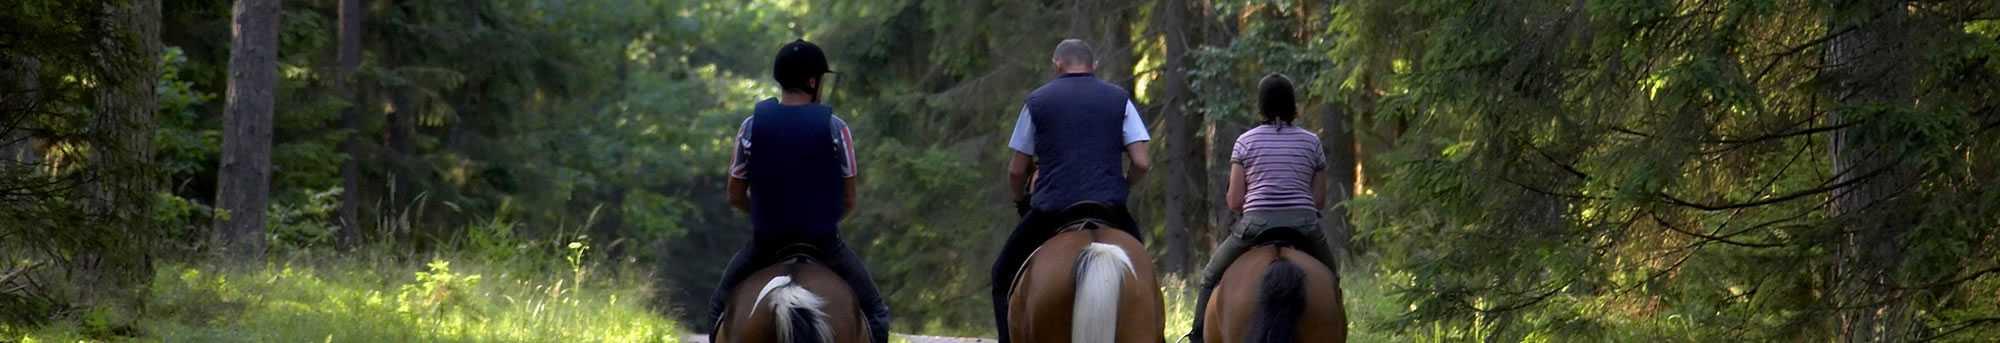 Paseo a caballo - Andorra